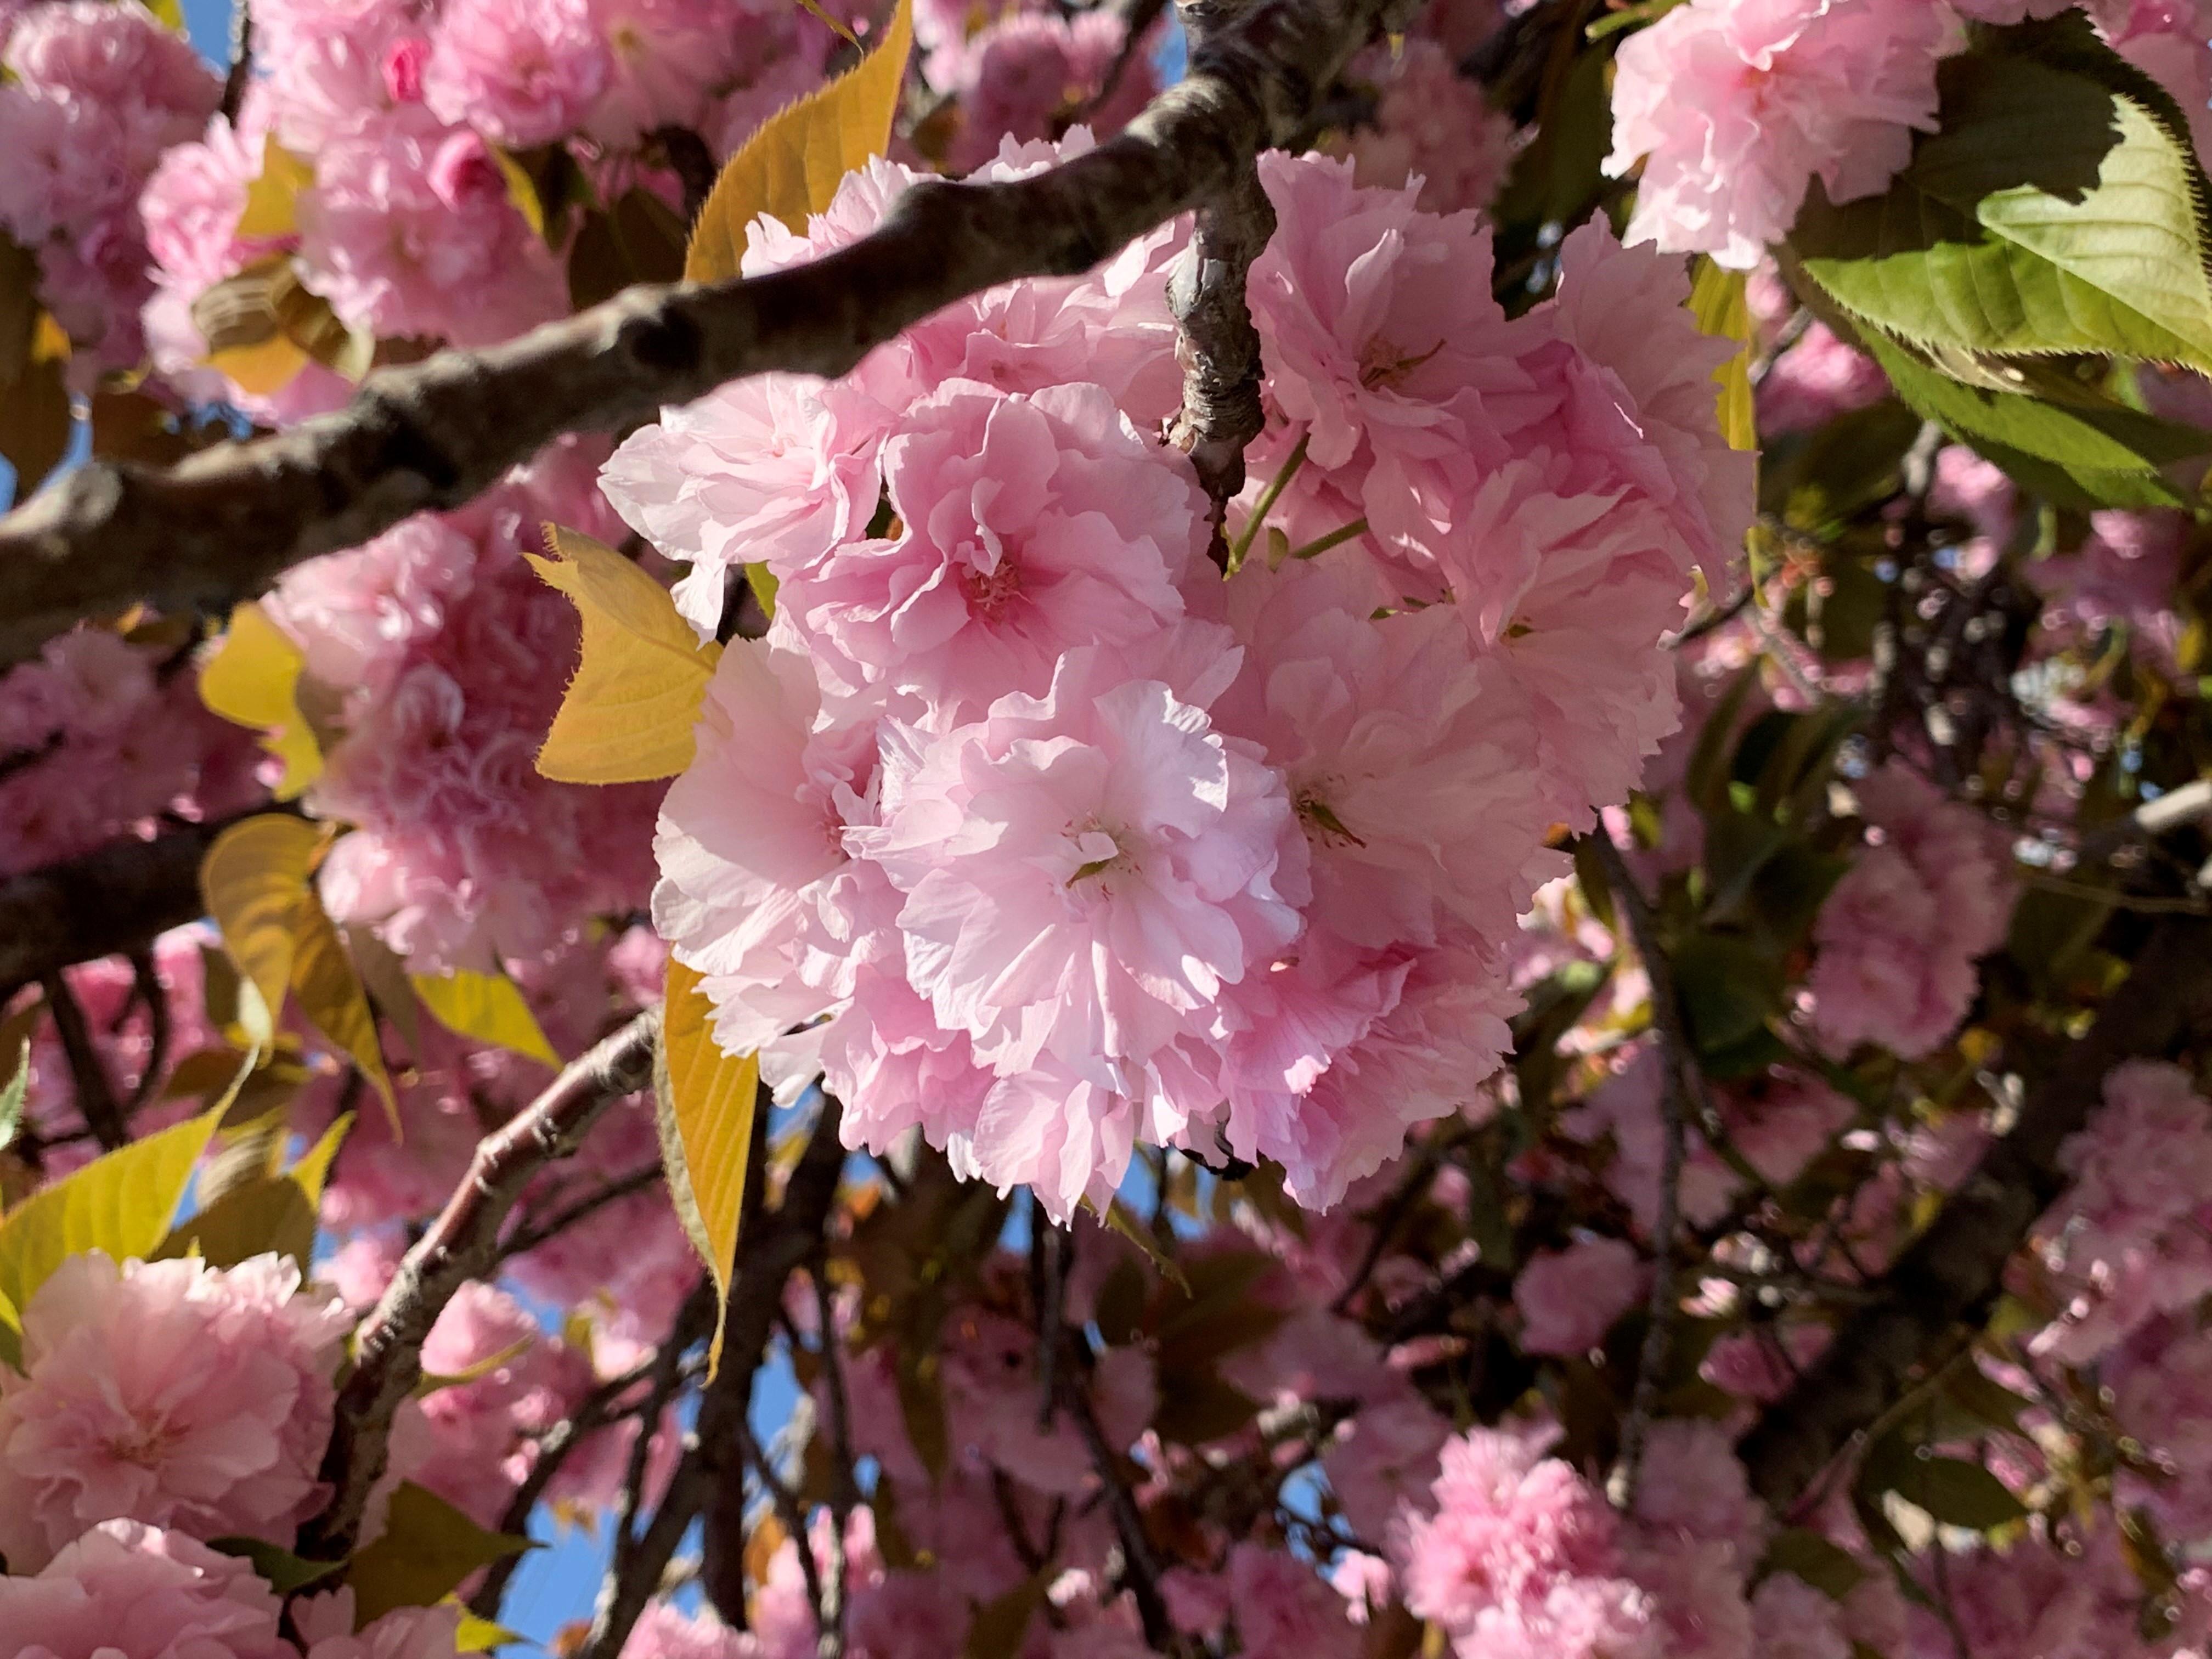 白デニムで出かけよう☆彡 春の散策・・・_1_1-1